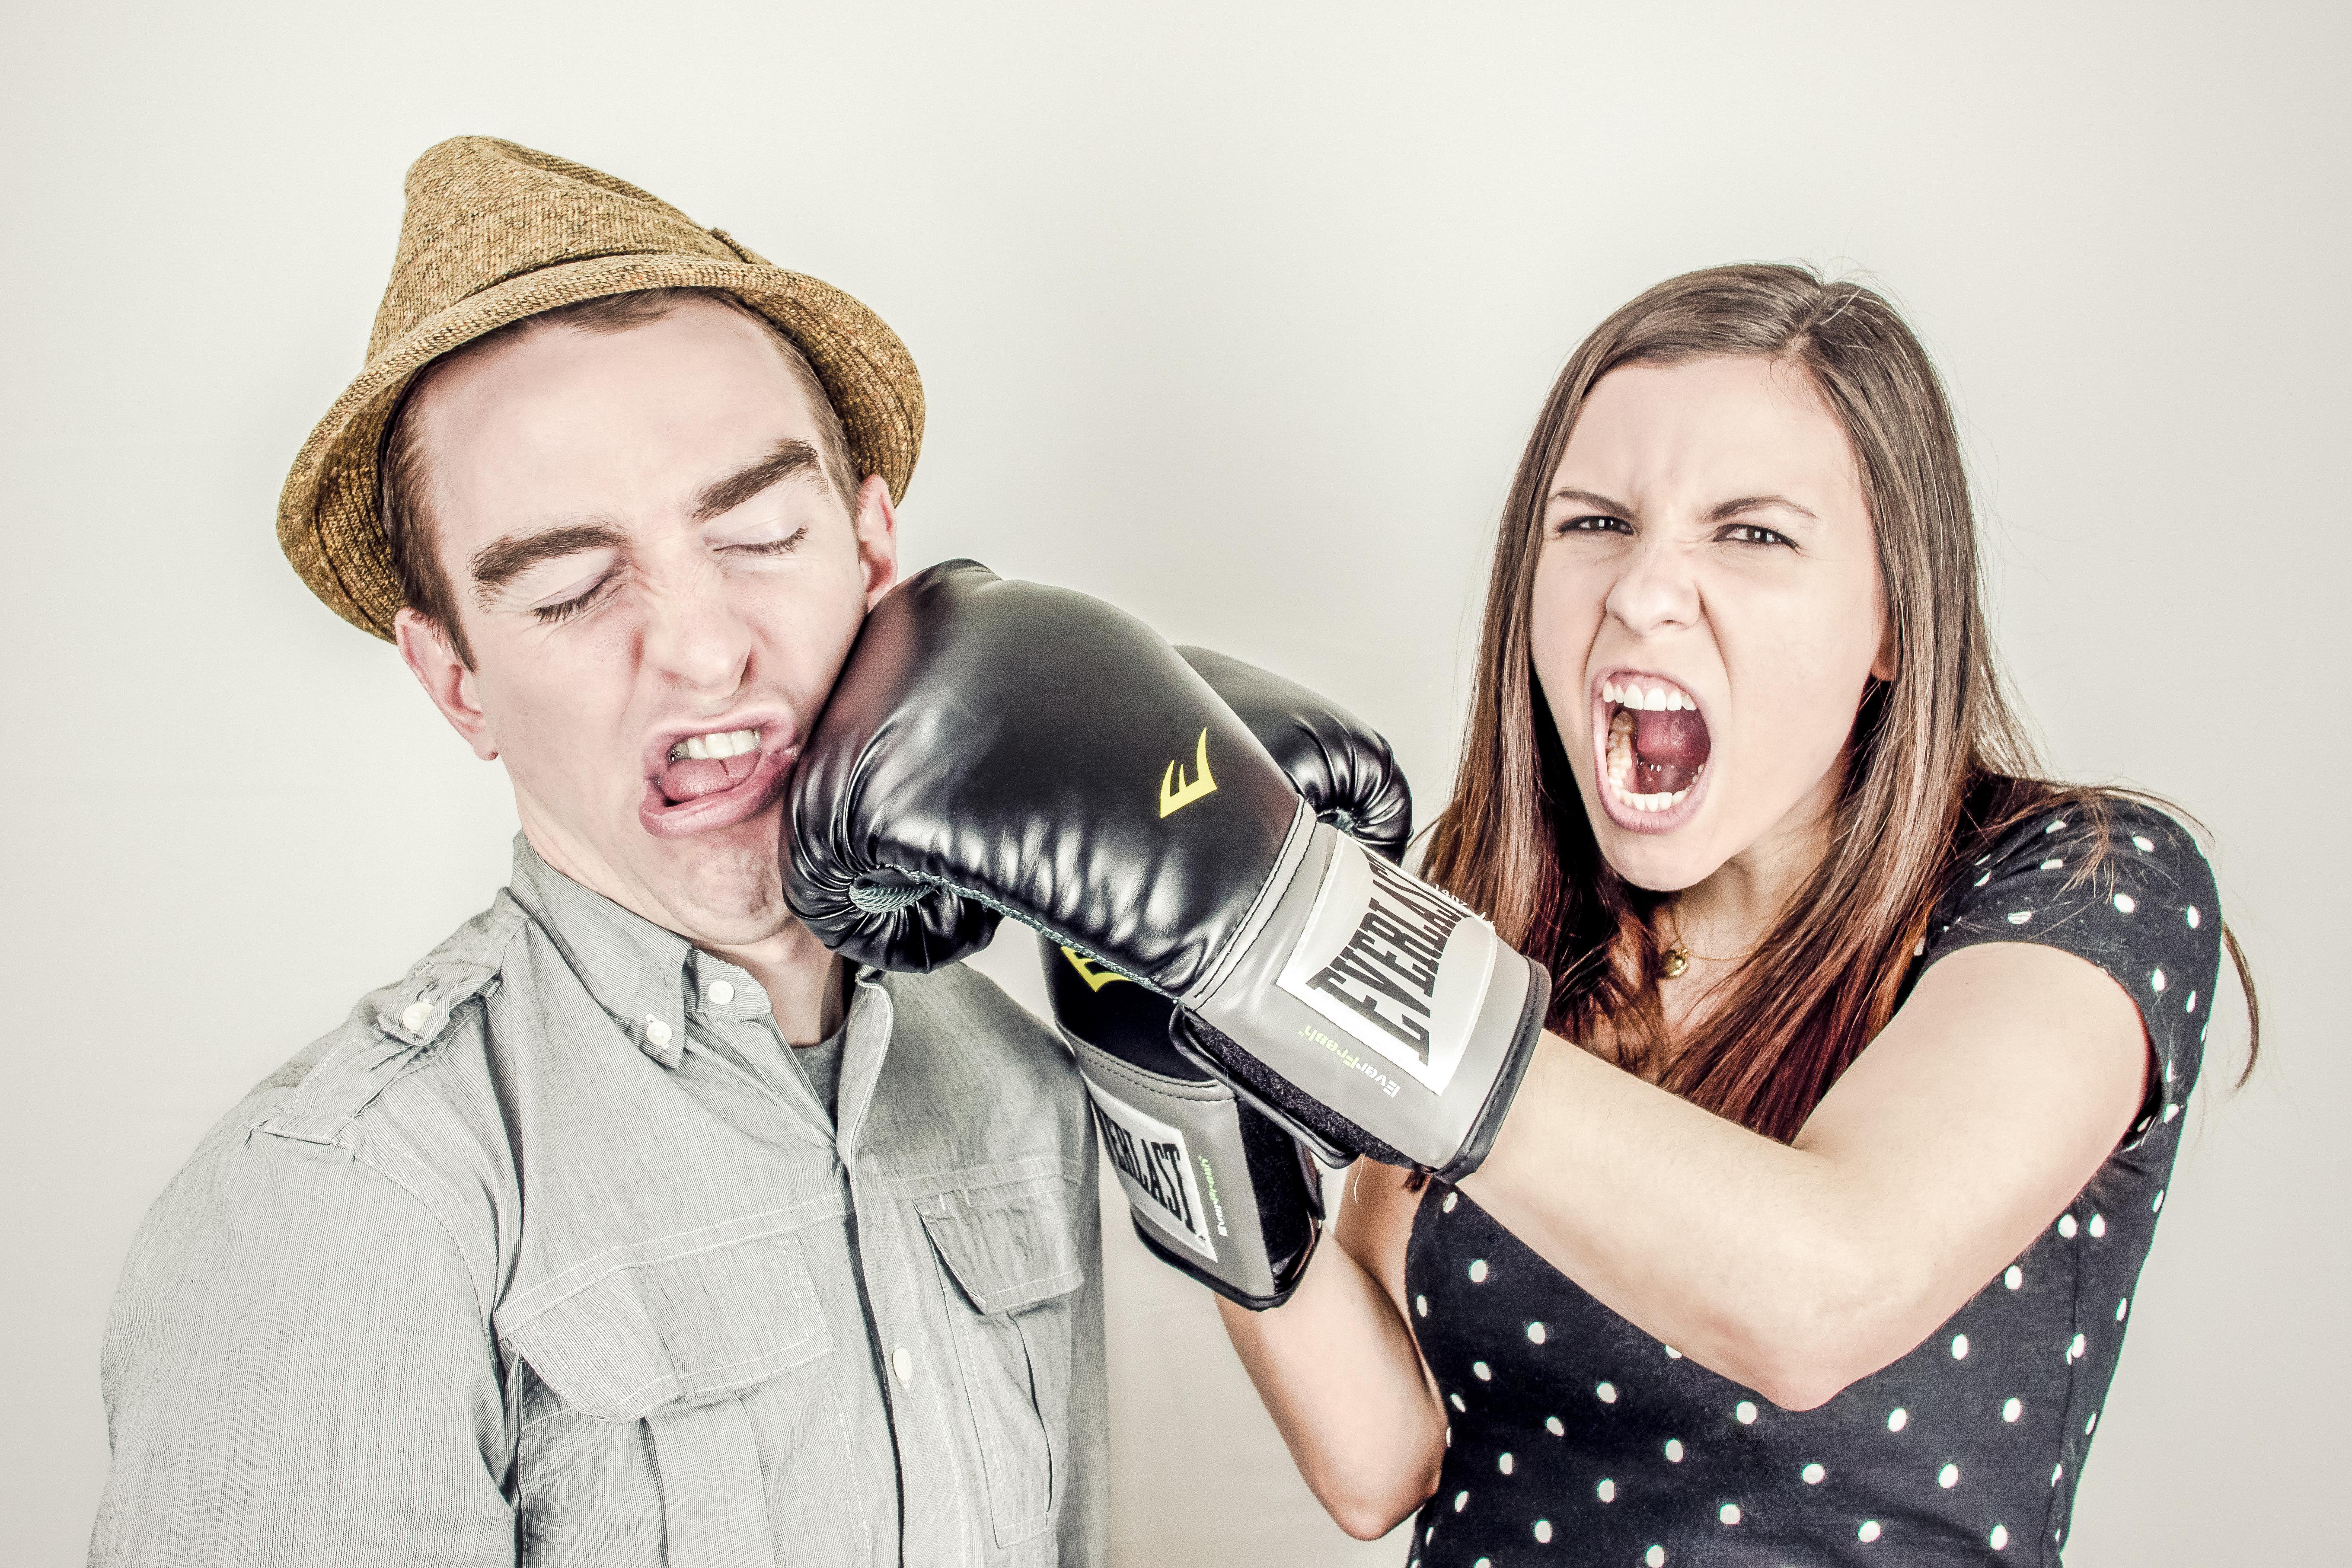 カップルが喧嘩している画像